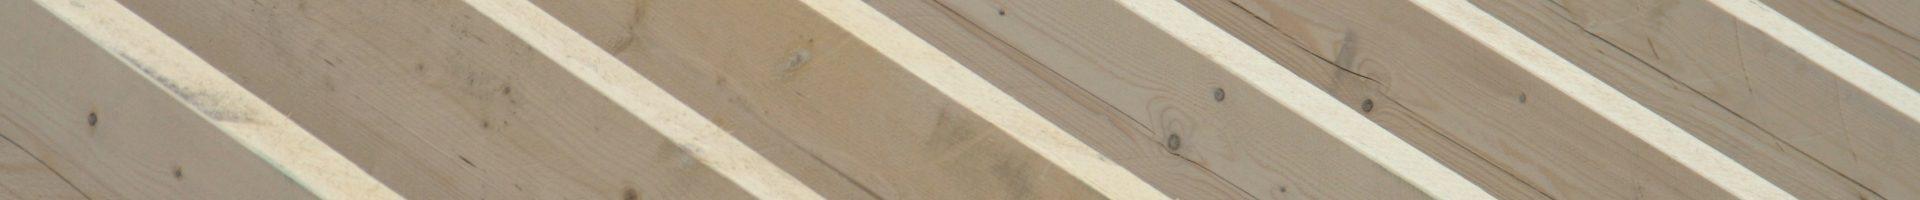 Holzbau|Zimmerarbeiten